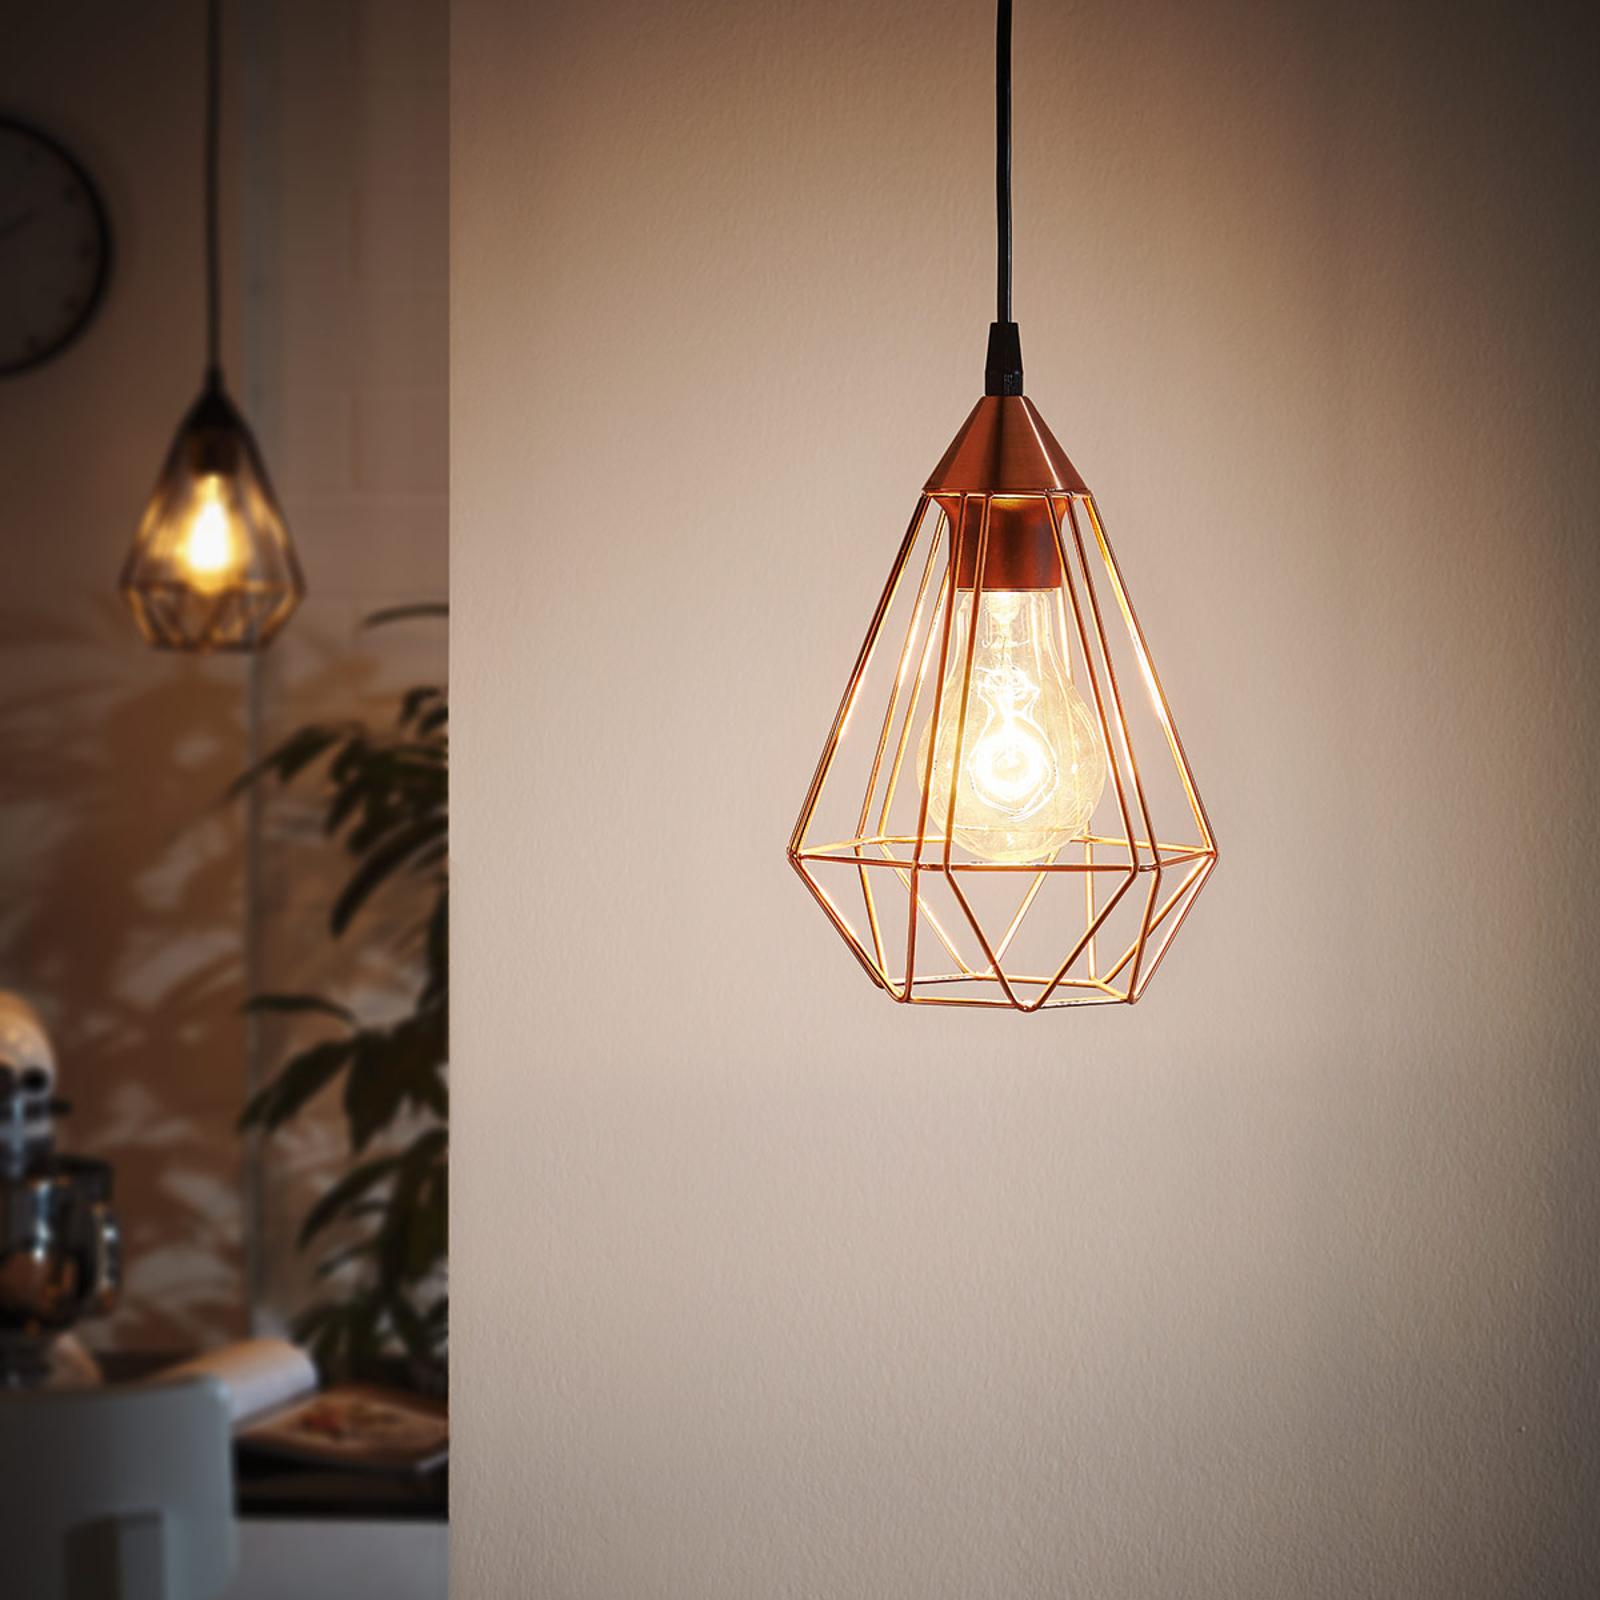 lampa wisząca Tarbes, 1-punktowa, 17,5 cm, miedź